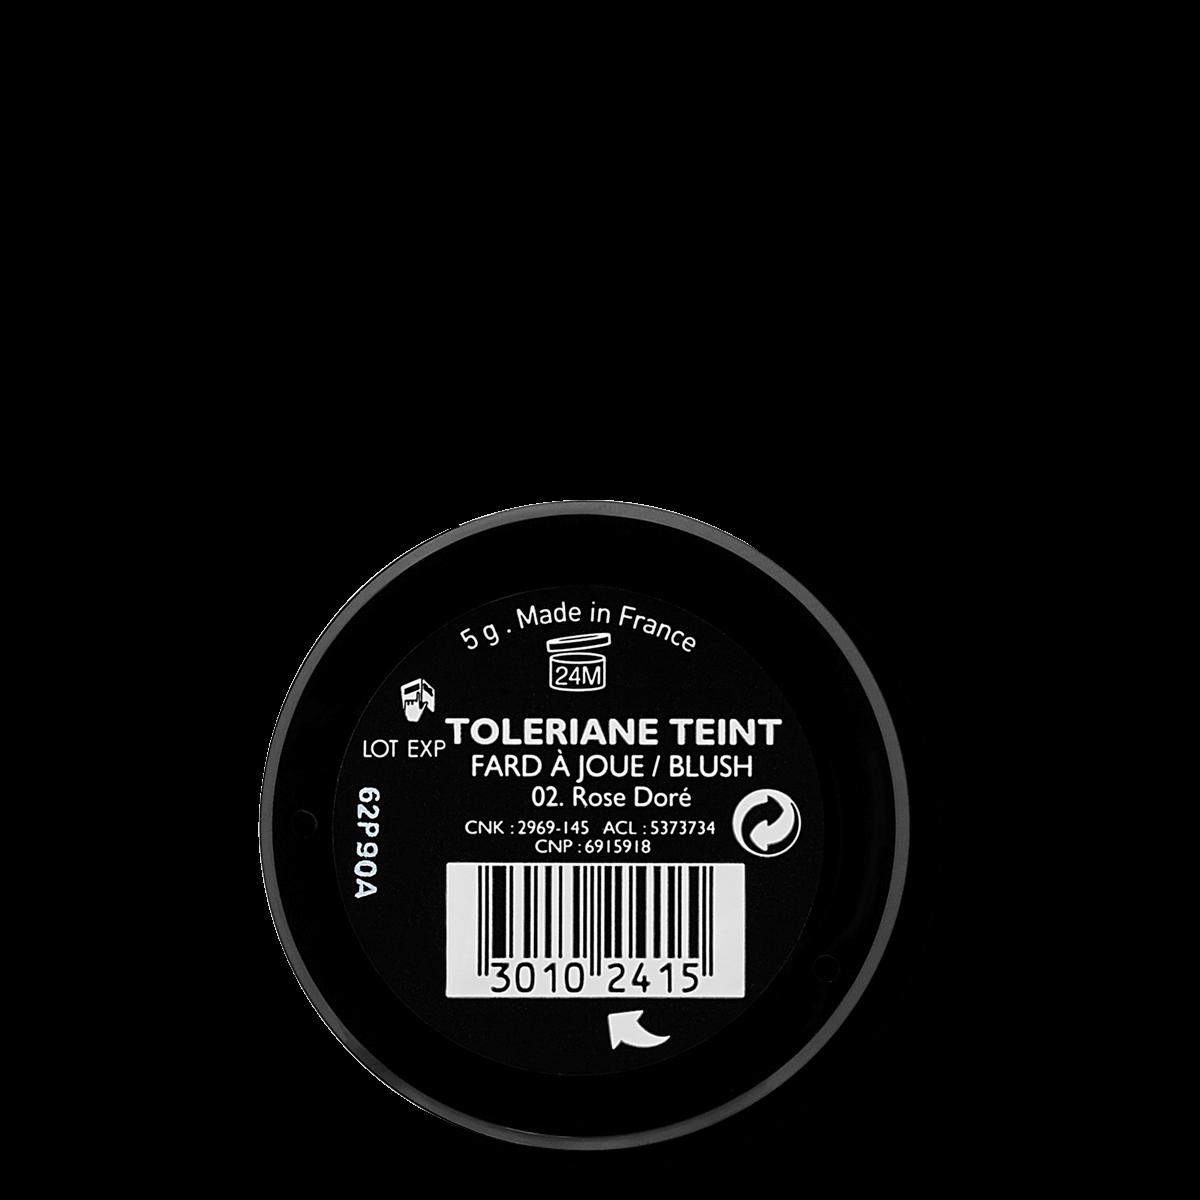 La Roche Posay Citlivá Toleriane Make-up TVÁŘENKA GoldenPink 30102415